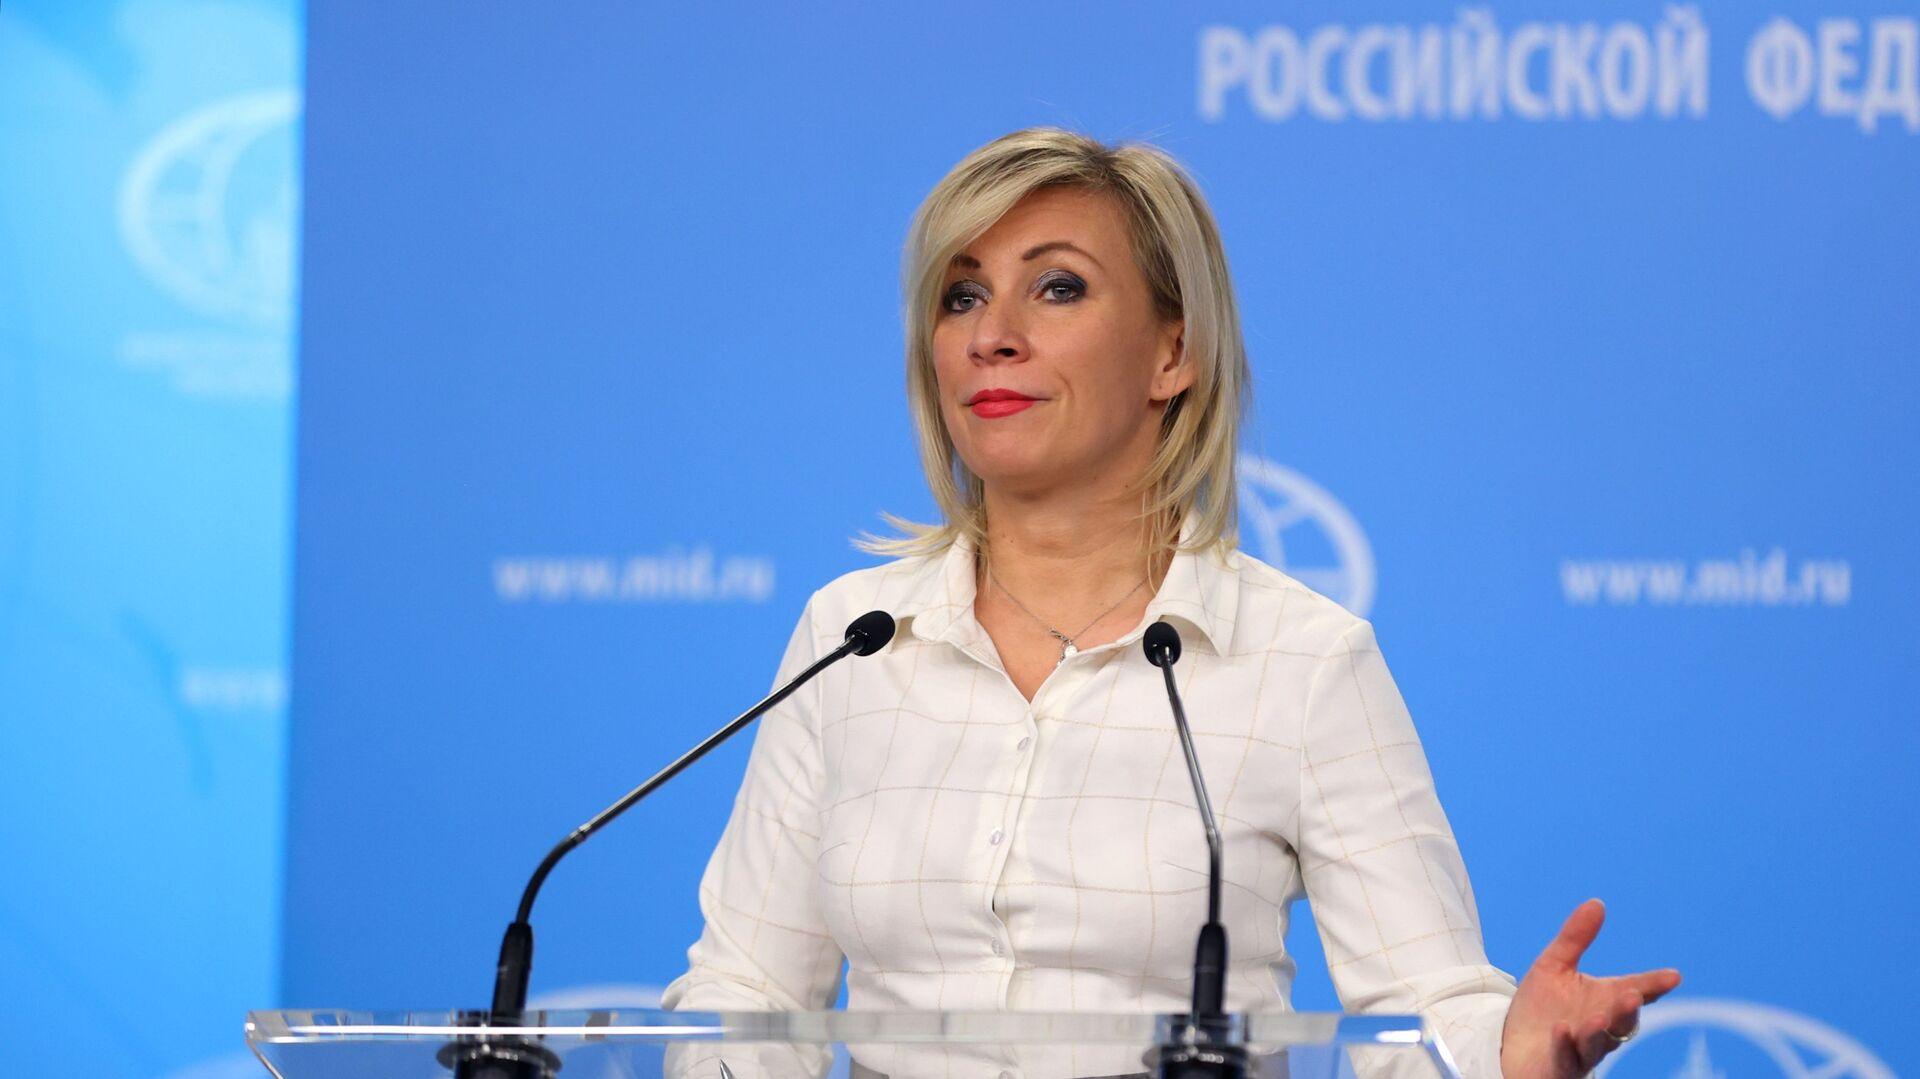 Официальный представитель Министерства иностранных дел РФ Мария Захарова - Sputnik Грузия, 1920, 01.05.2021